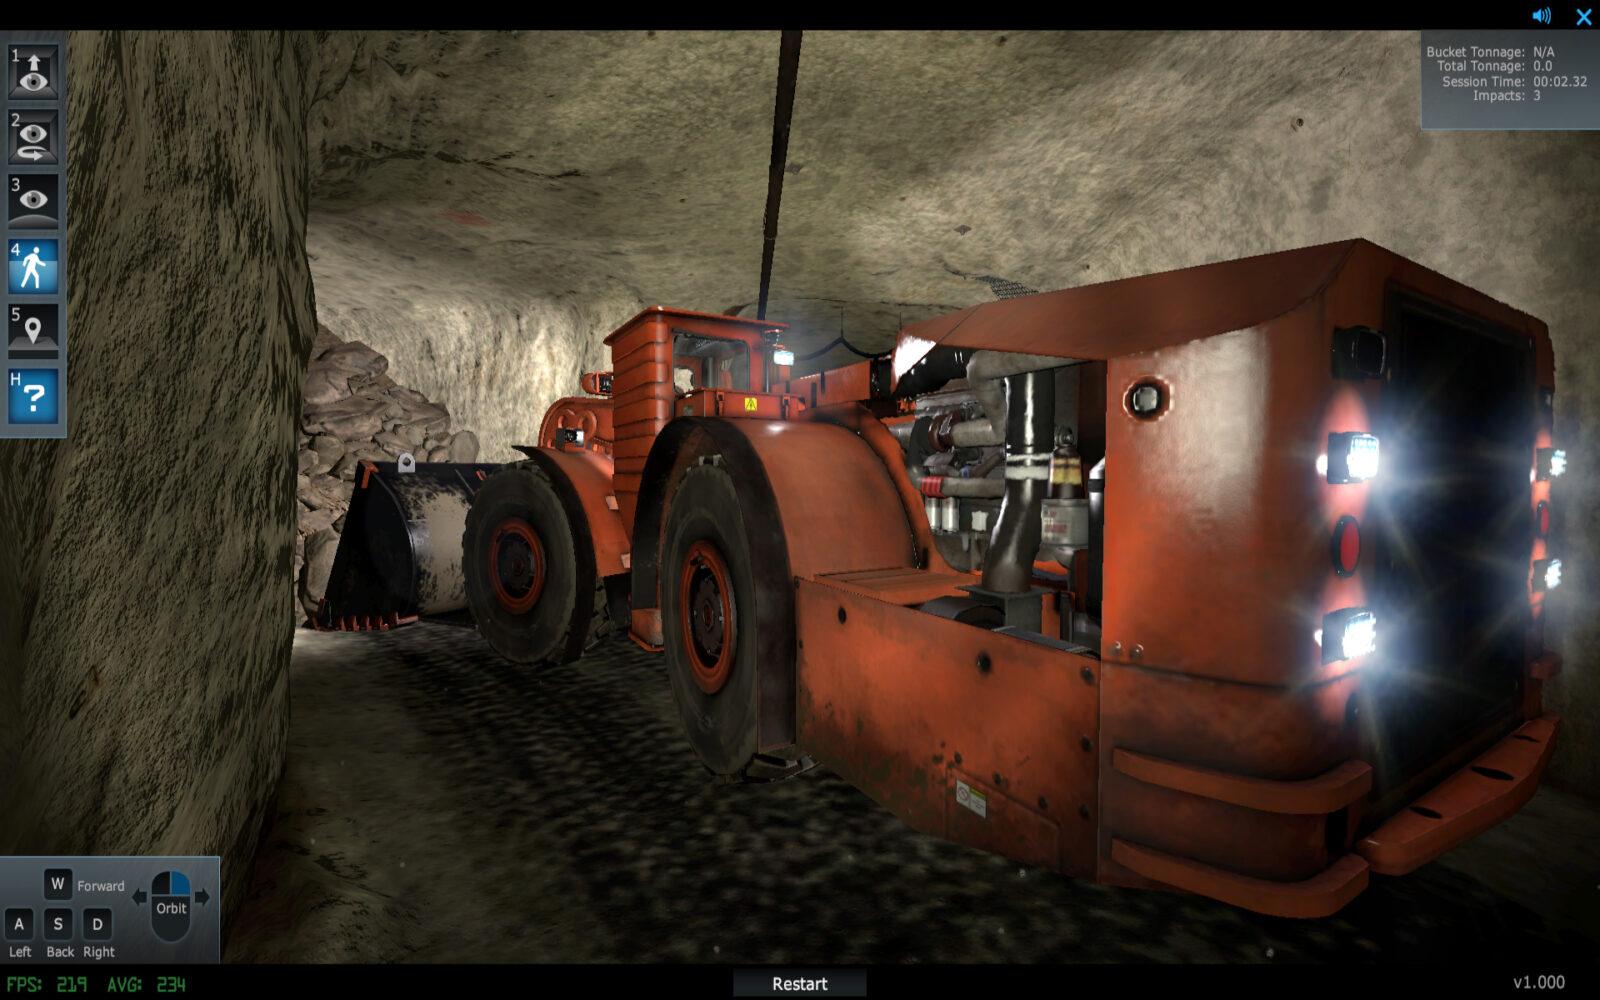 Komatsu Mining Equipment Training Simualtor